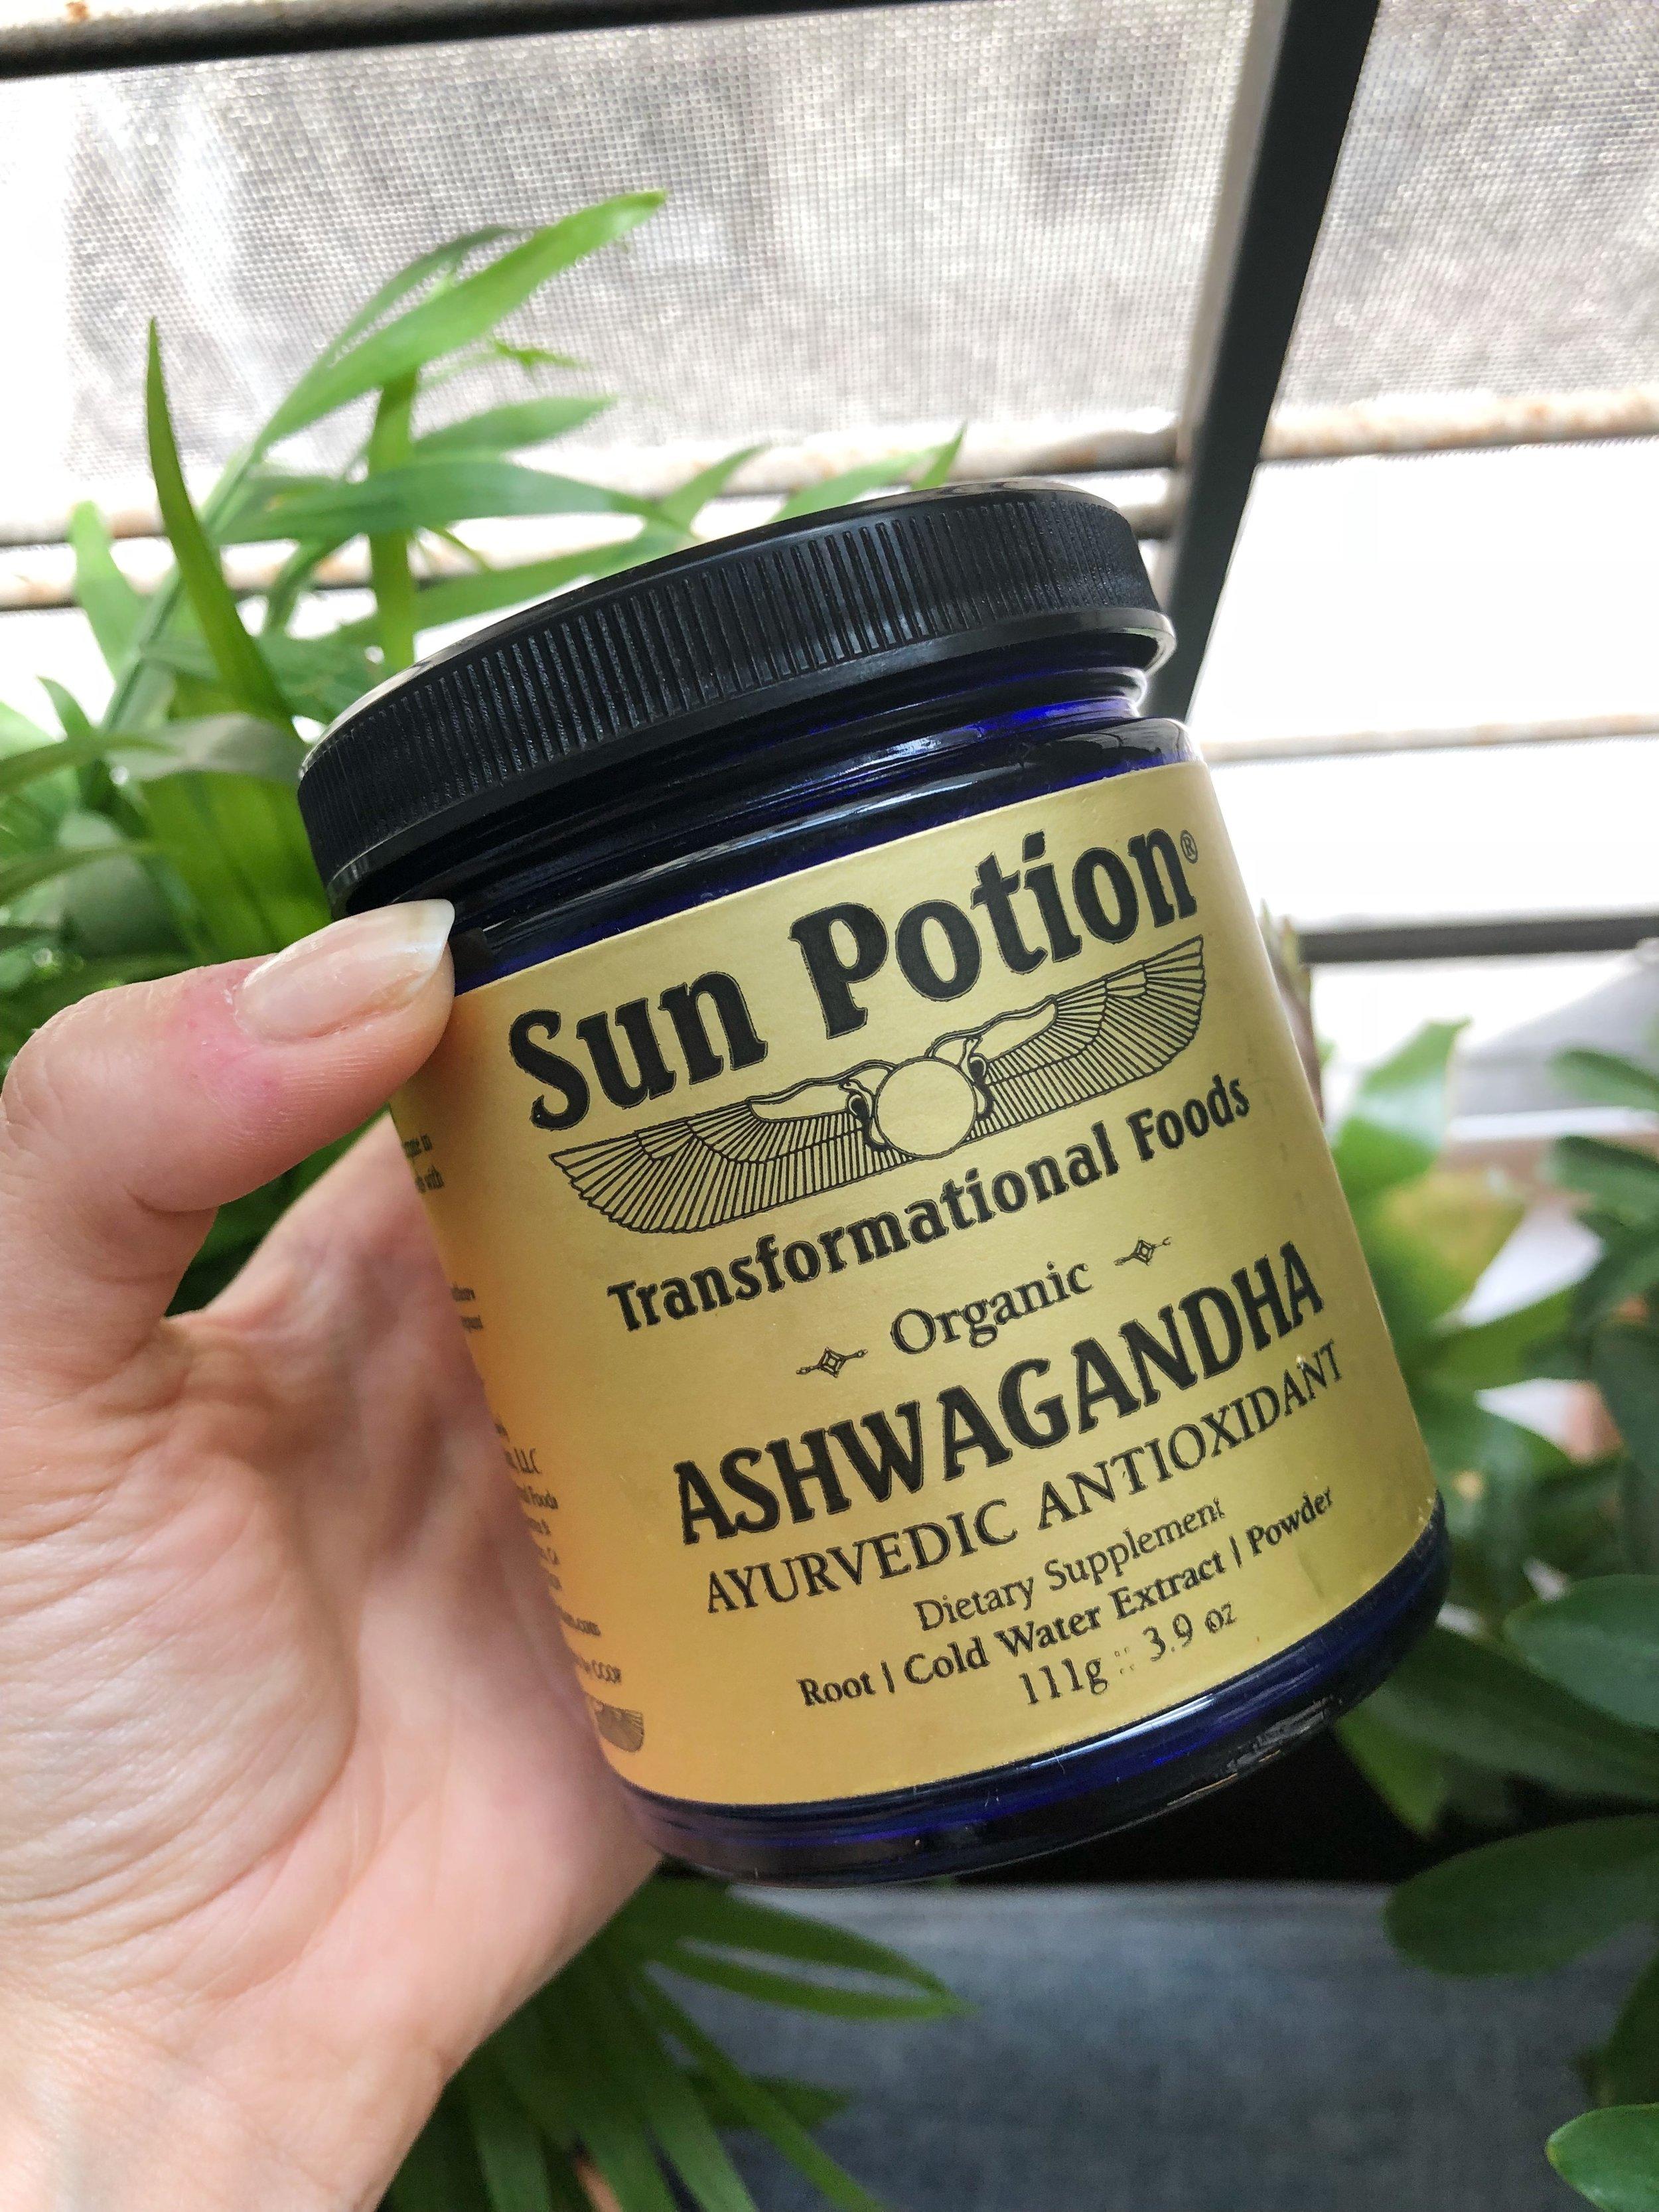 Sun Potion Ashwagandha